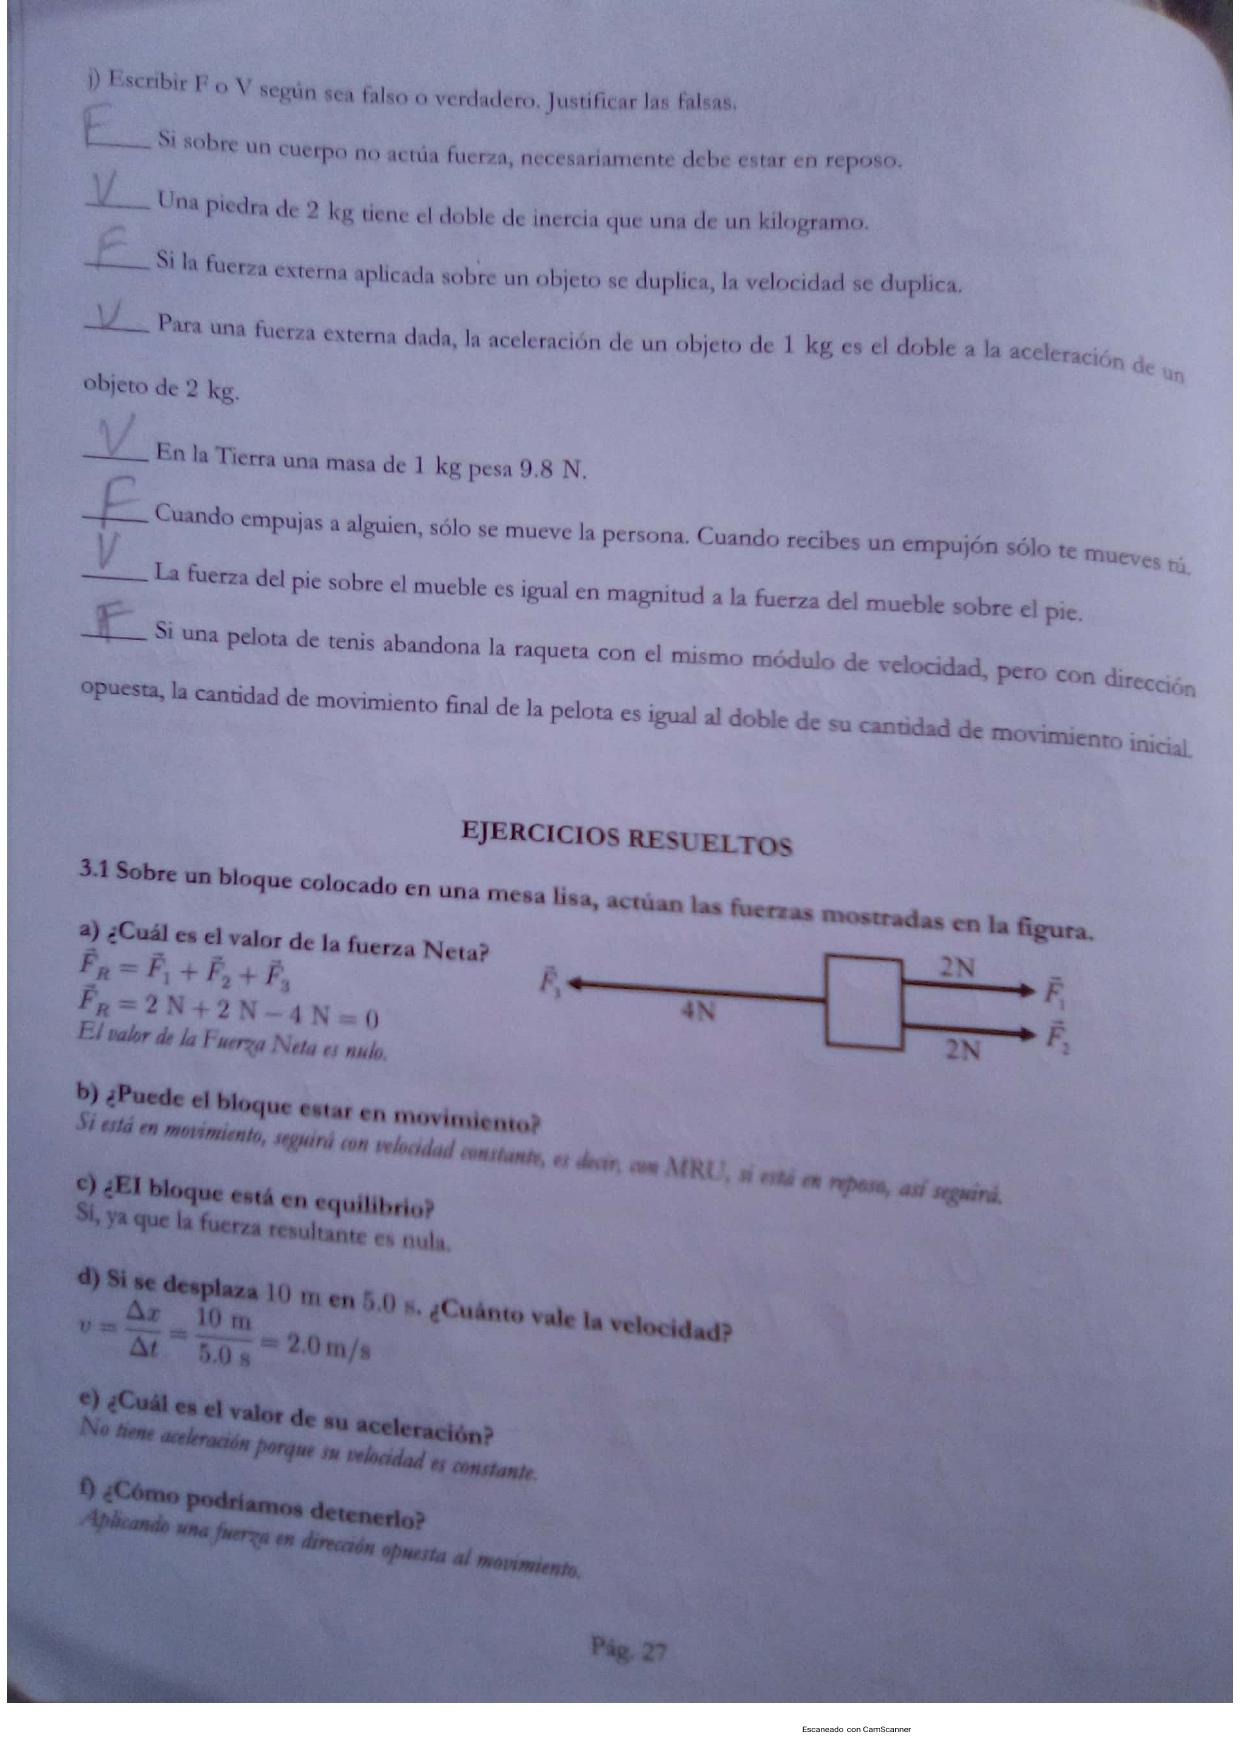 cuaderno-de-trabajo-f-sica-b-sica-page-0026